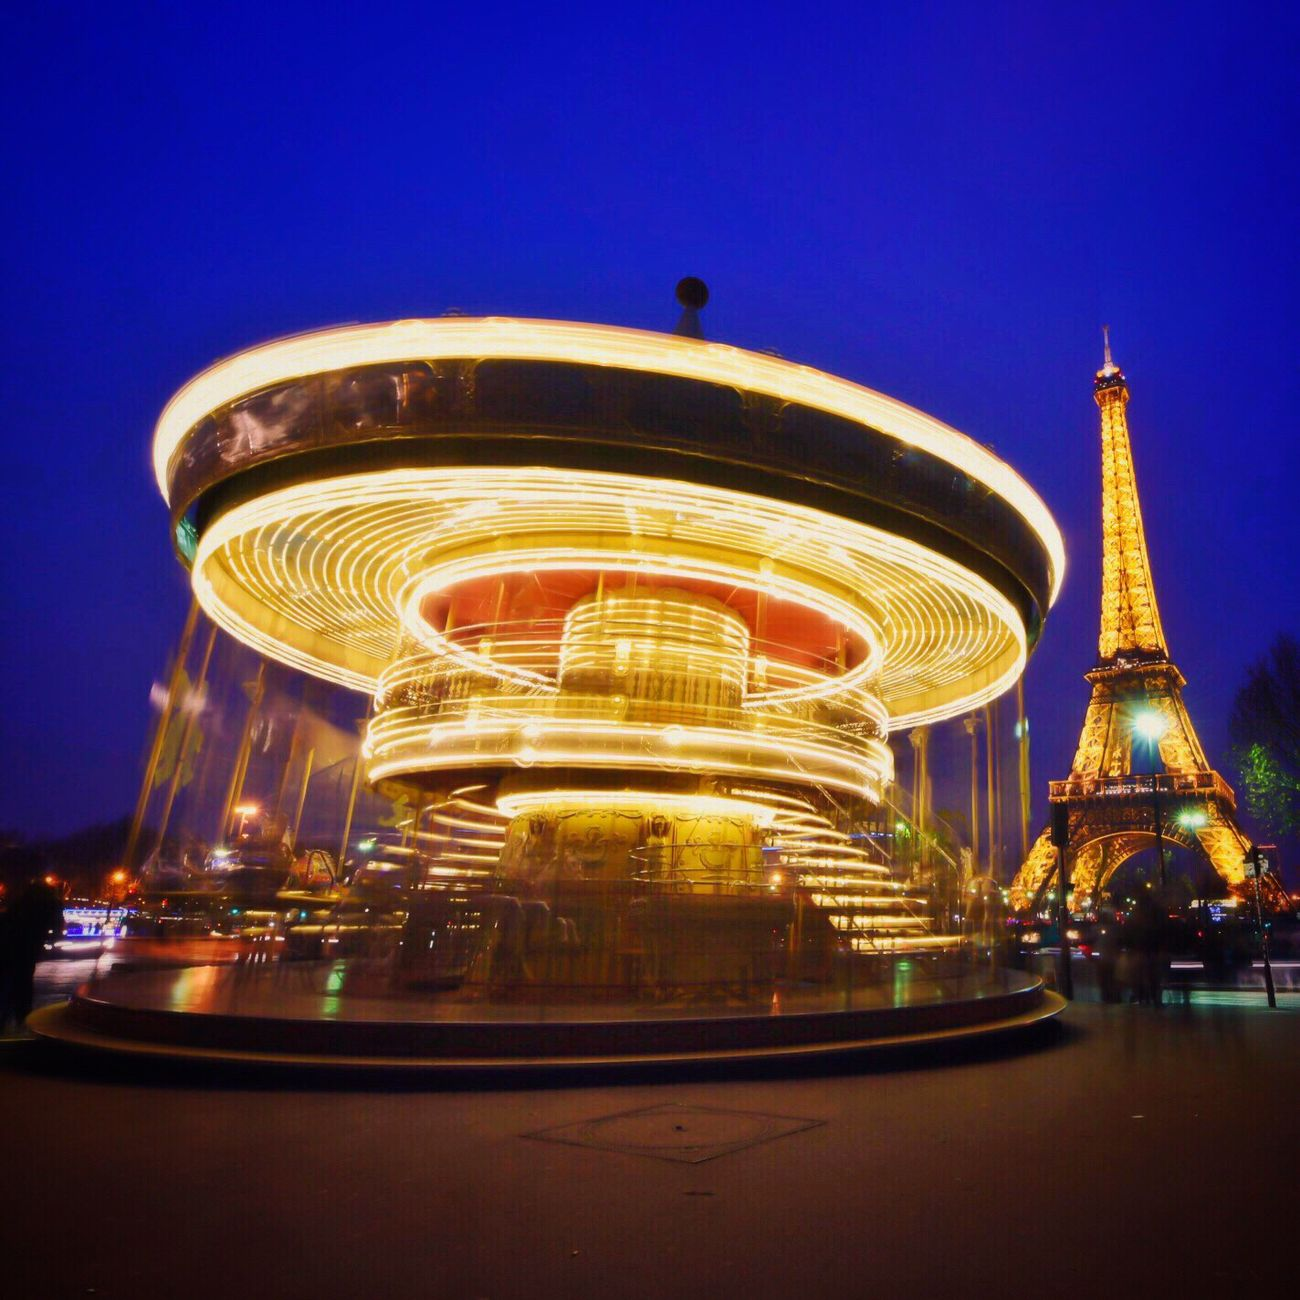 A little color for a grey evening! Bonsoir Paris! Clear Sky Carousel Illuminated Blue Architecture Merry-go-round Paris ❤ Eyem Best Shot - Architecture Amusement Park Ride Parisweloveyou EyeEm Best Shots Paris Photooftheday